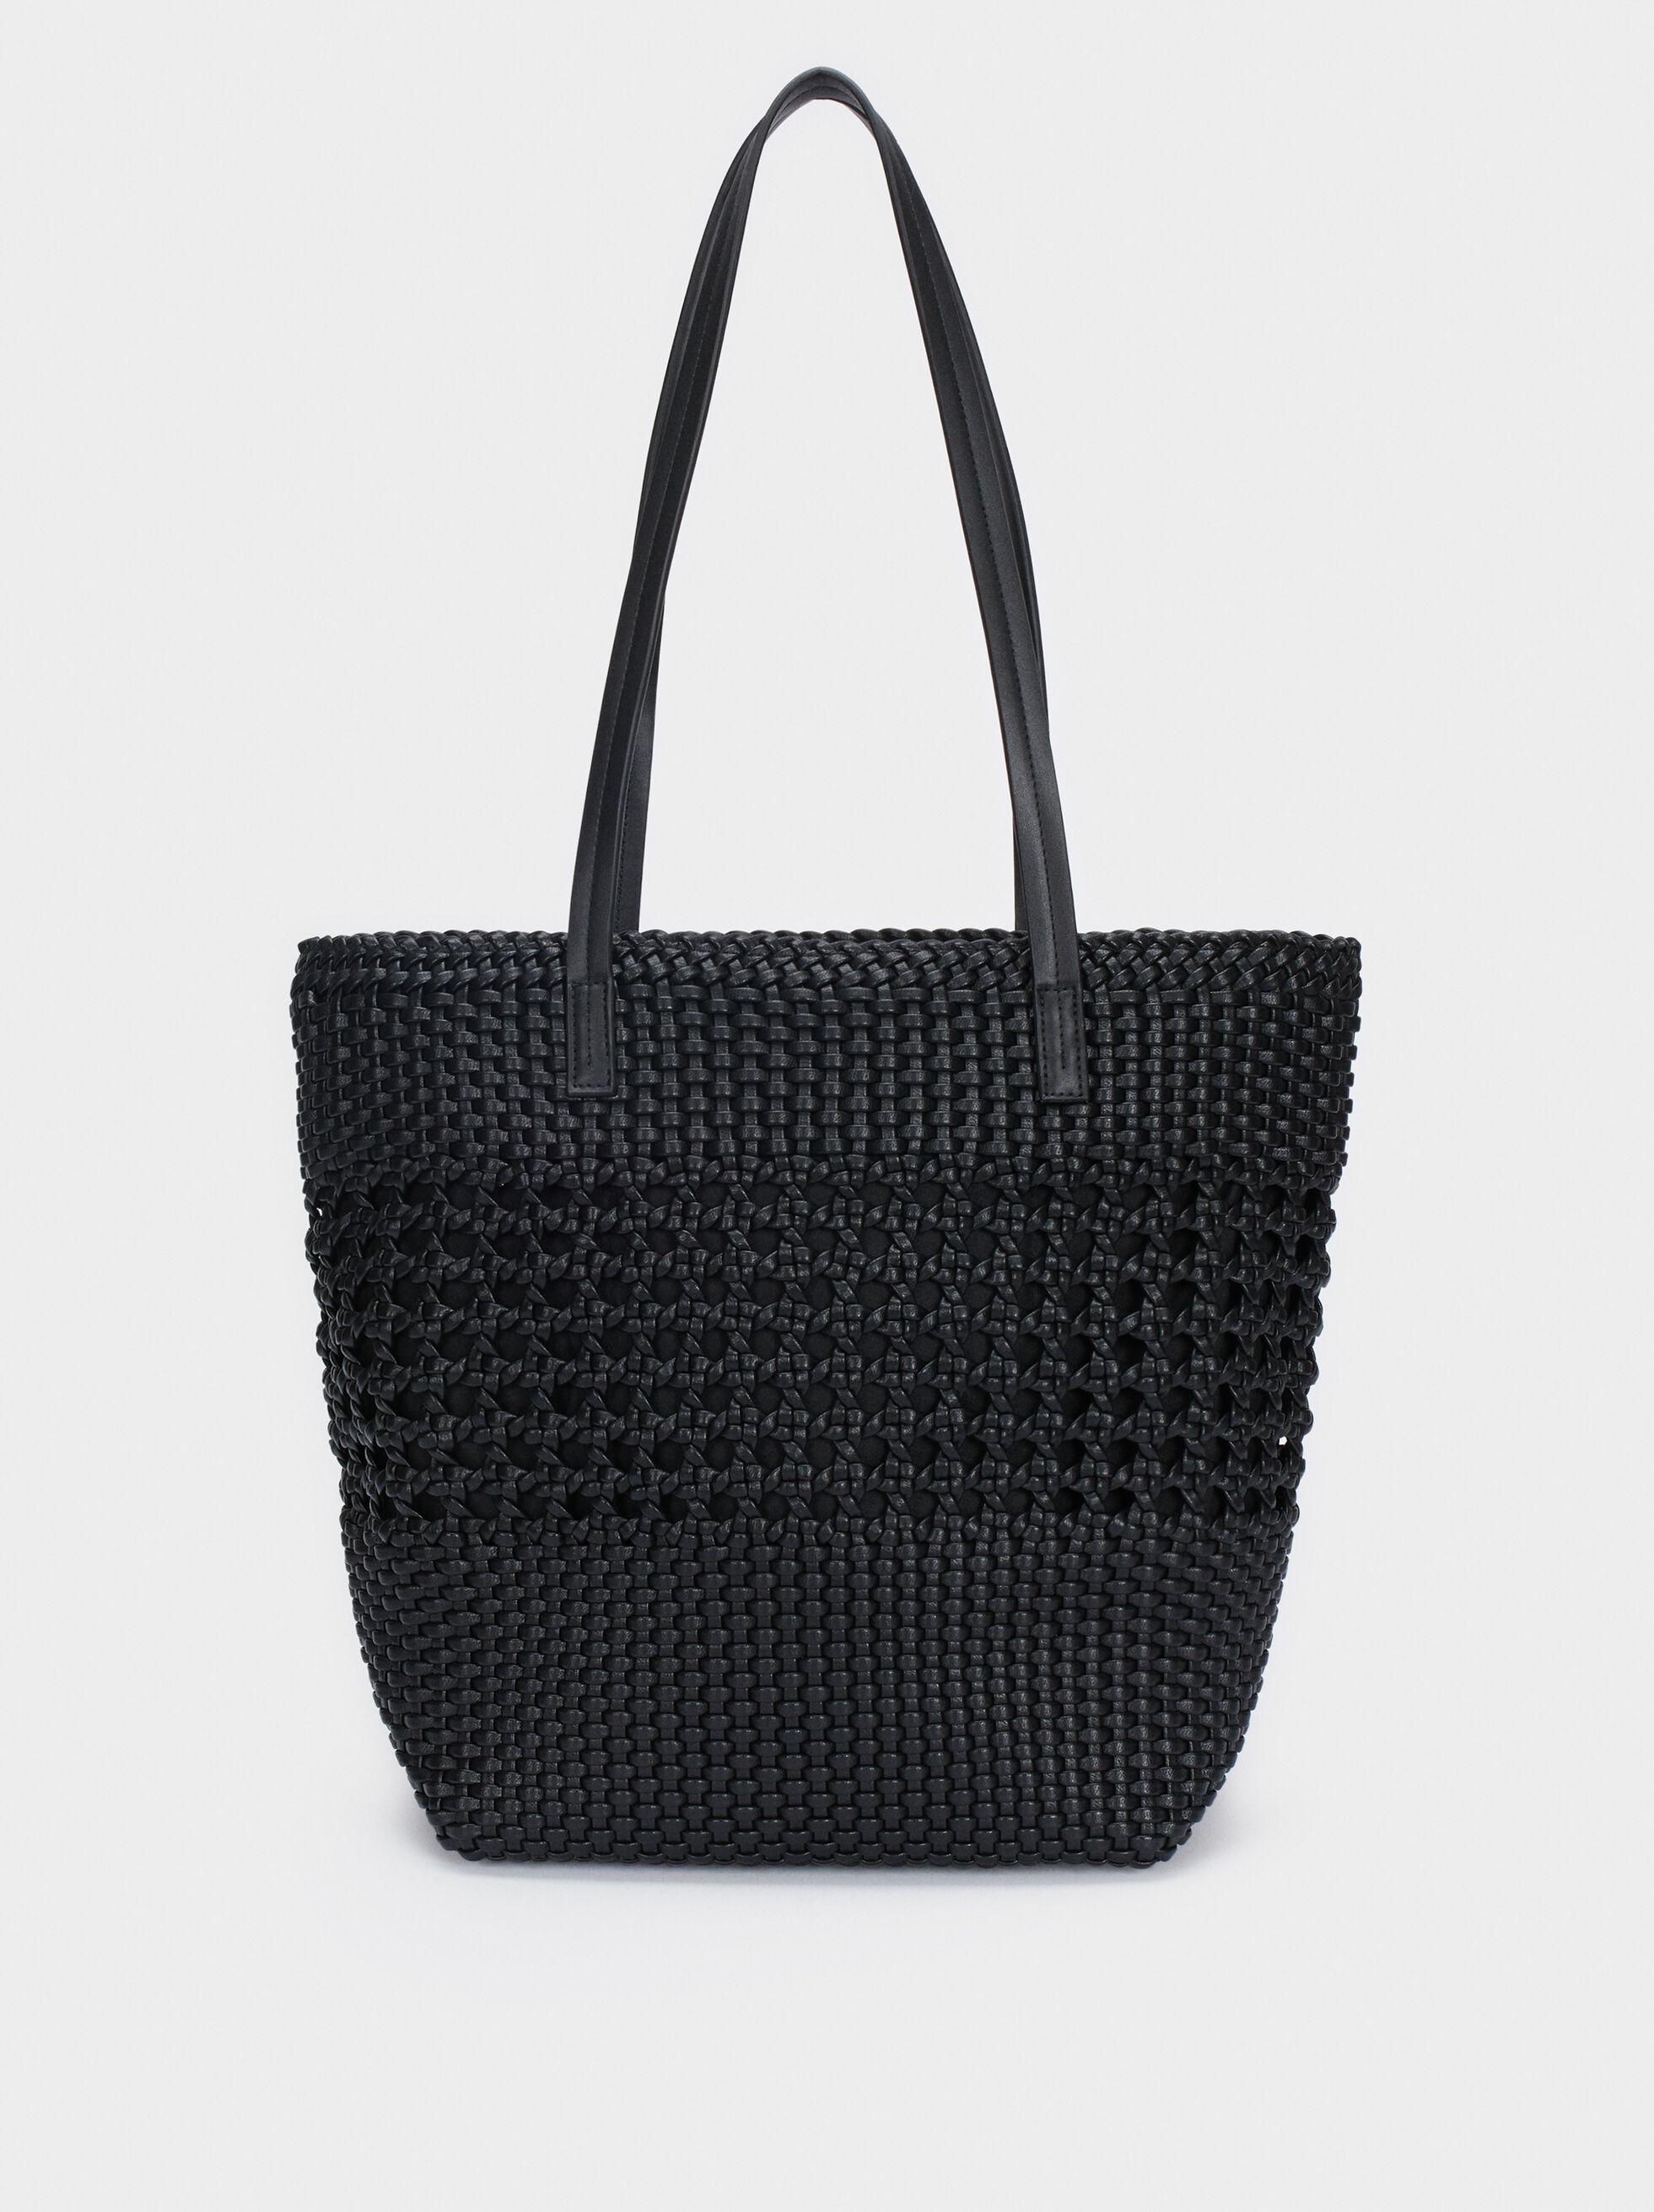 Braided Tote Bag, Black, hi-res